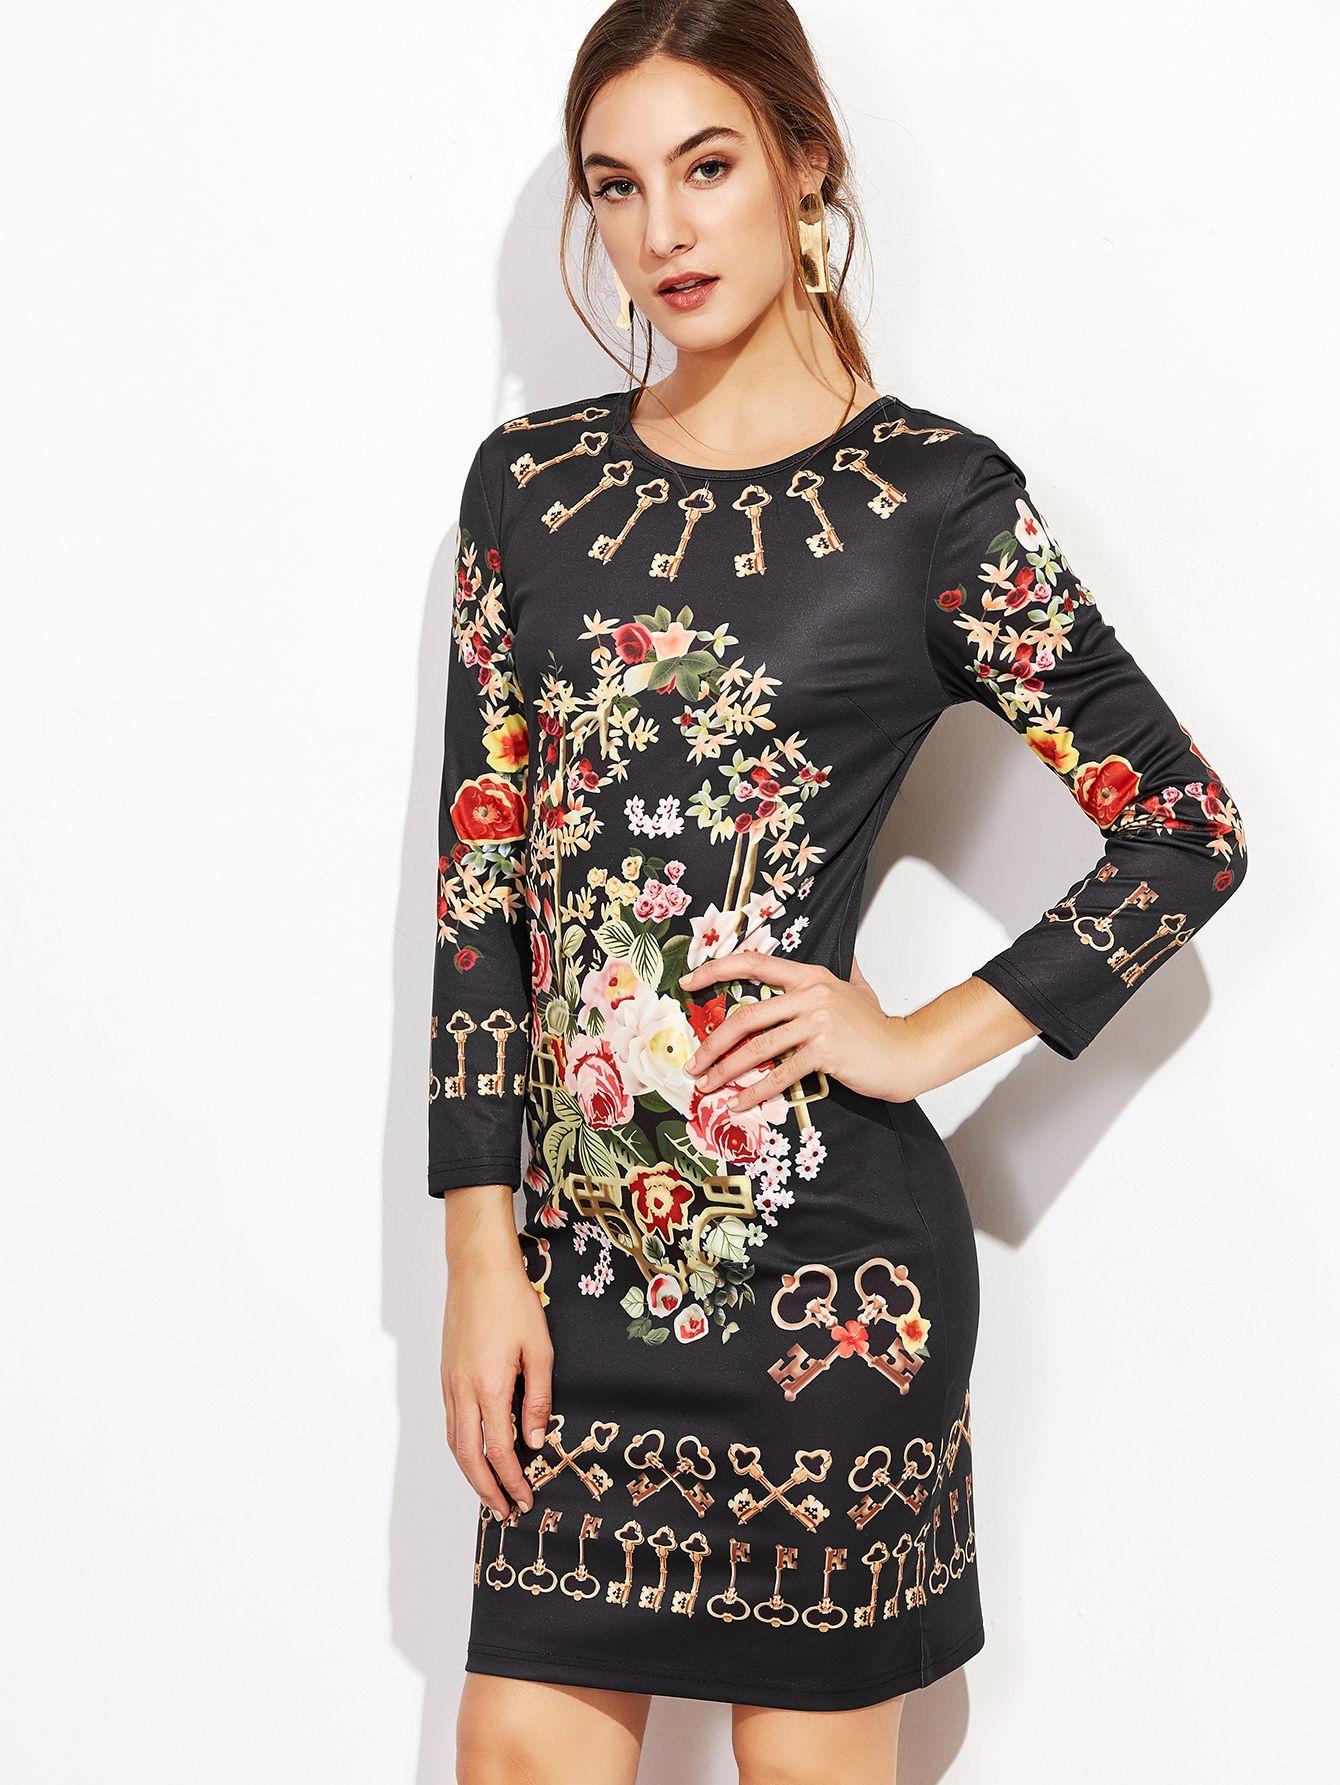 Black Floral Print Sheath Dress — 0.00 € ------------------------color: Black size: M,S,XS